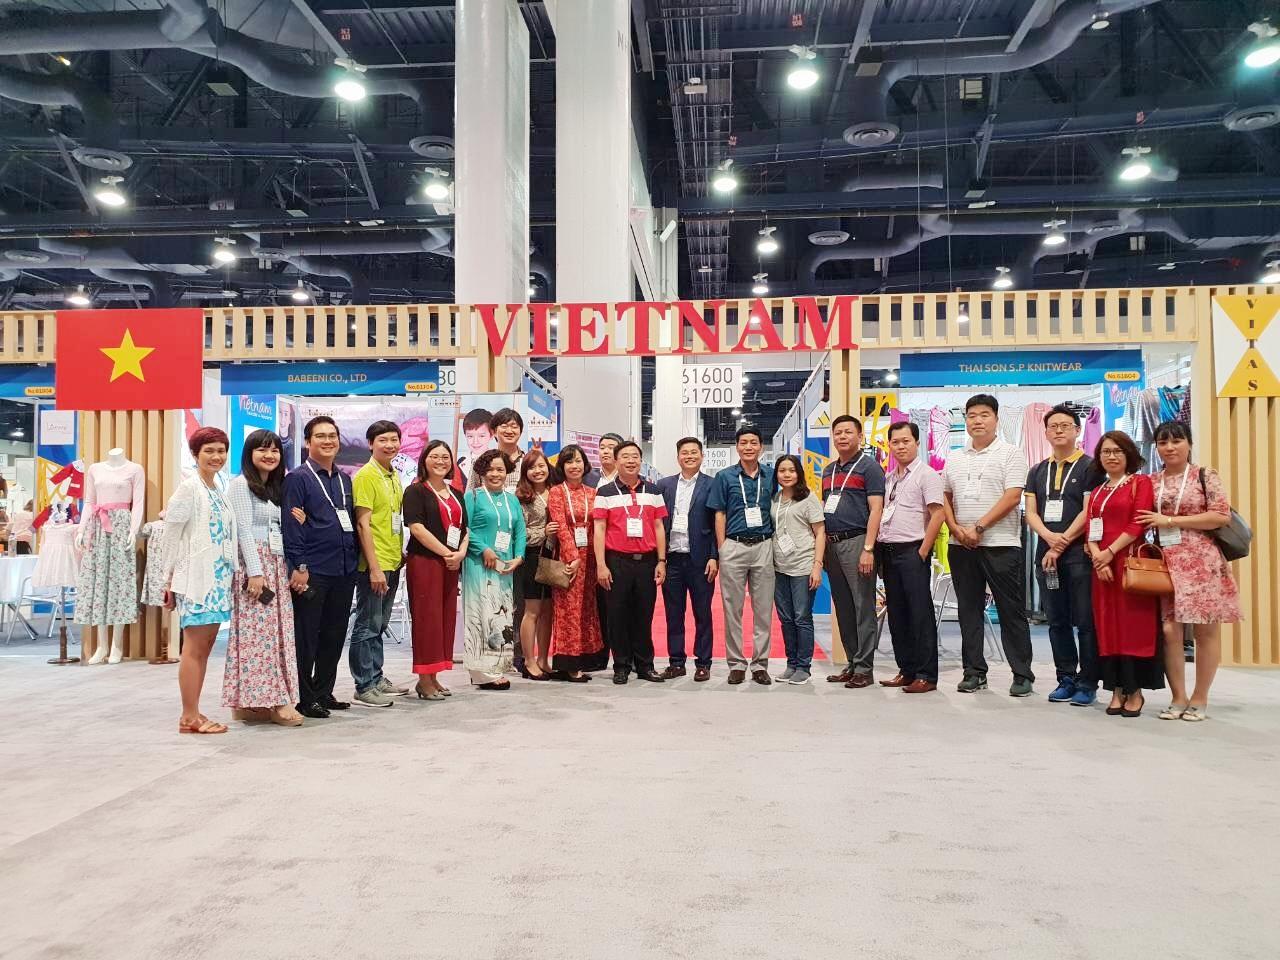 Đoàn doanh nghiệp dệt may Việt Nam tham dự Hội chợ Sourcing at Magic lần thứ 13 tại Hoa Kỳ